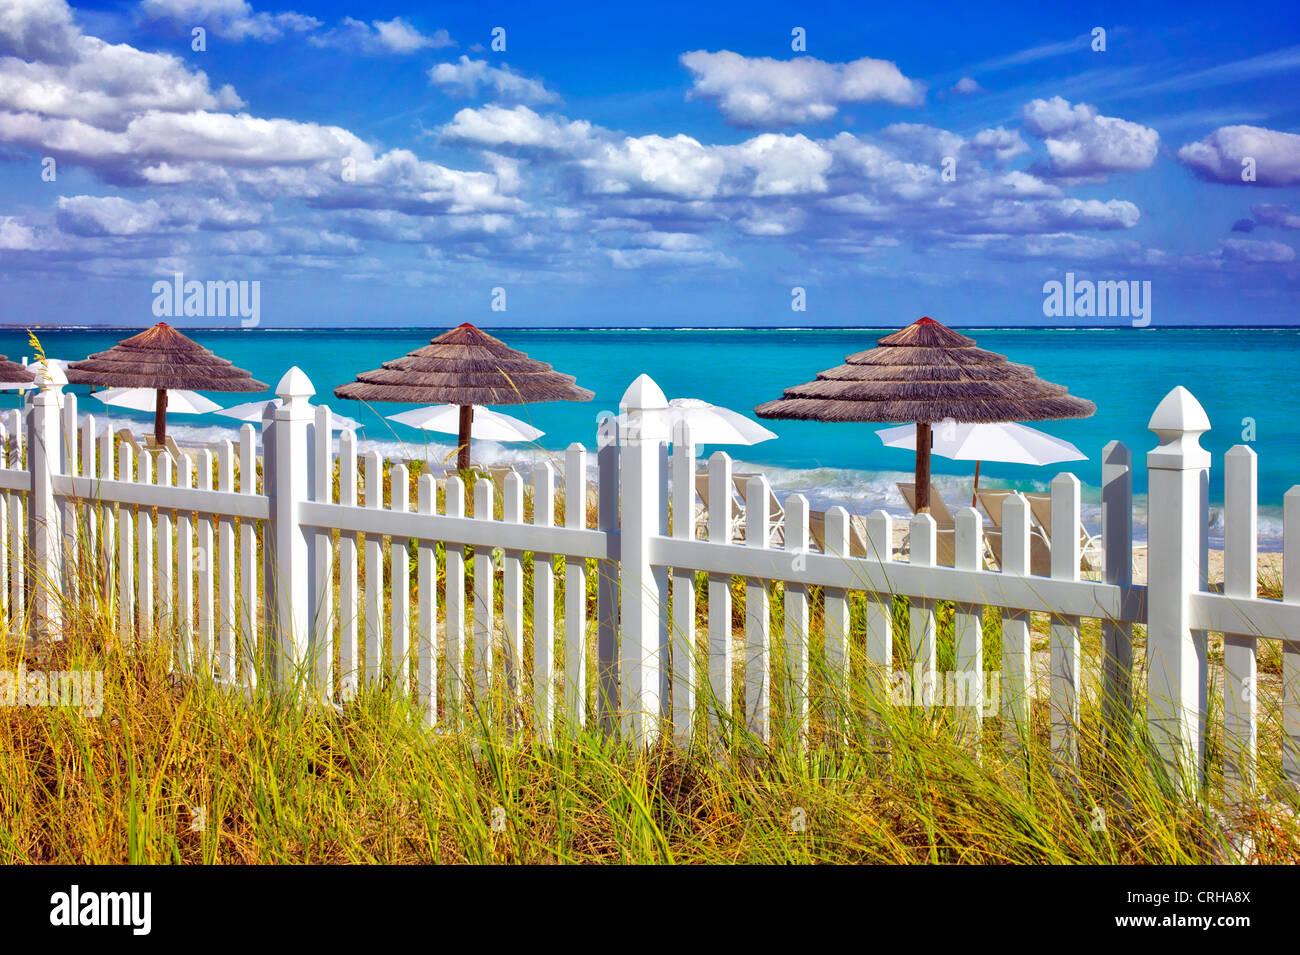 Weißen Lattenzaun und Sonnenschirmen. Grace Bay. Providenciales. Turks- und Caicosinseln Stockbild